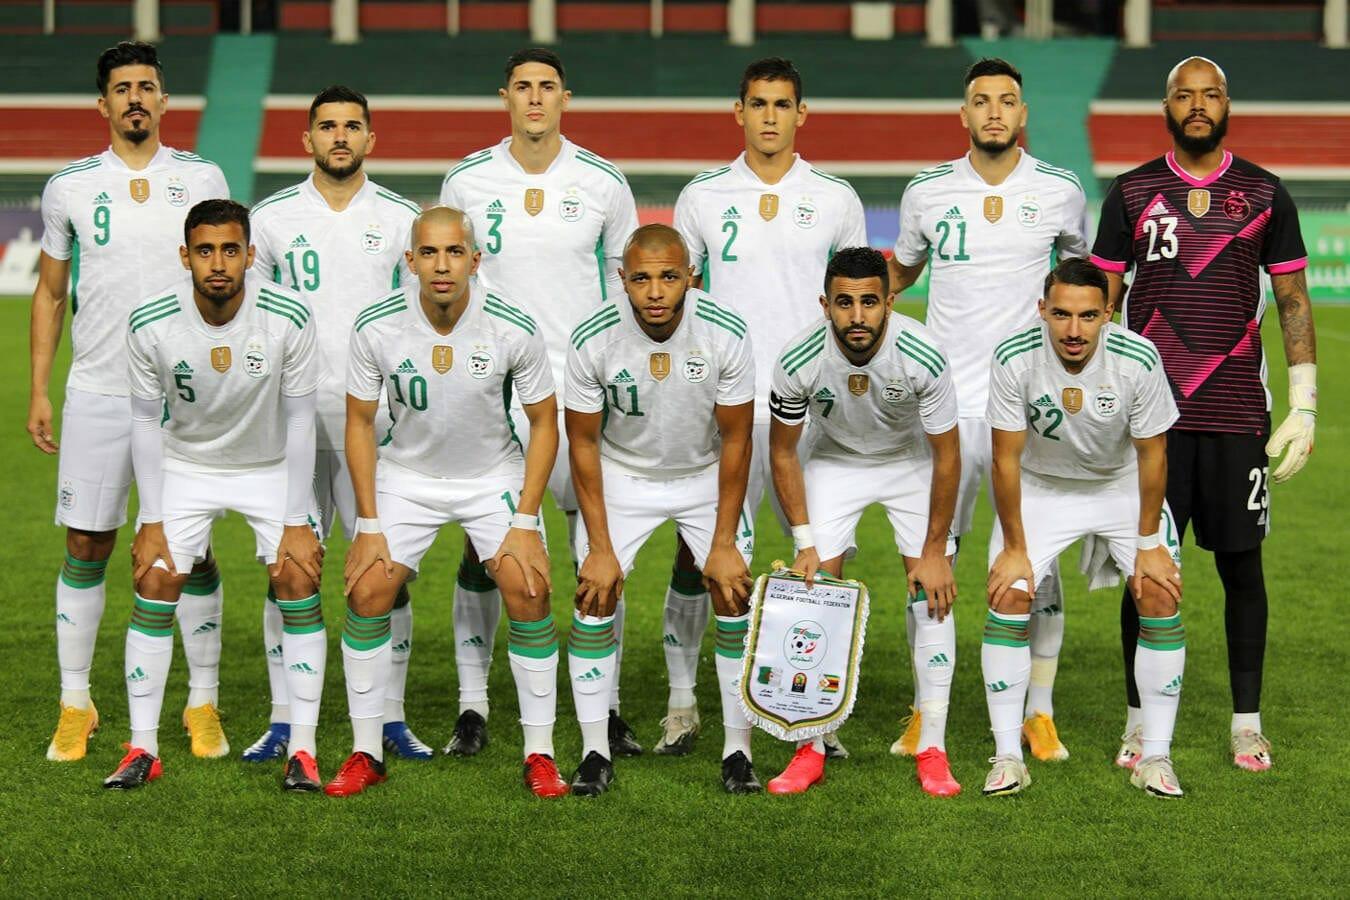 منتخب الجزائر يسقط في فخ التعادل أمام بوركينا فاسو في تصفيات أفريقيا لمونديال كأس العالم (شاهد)